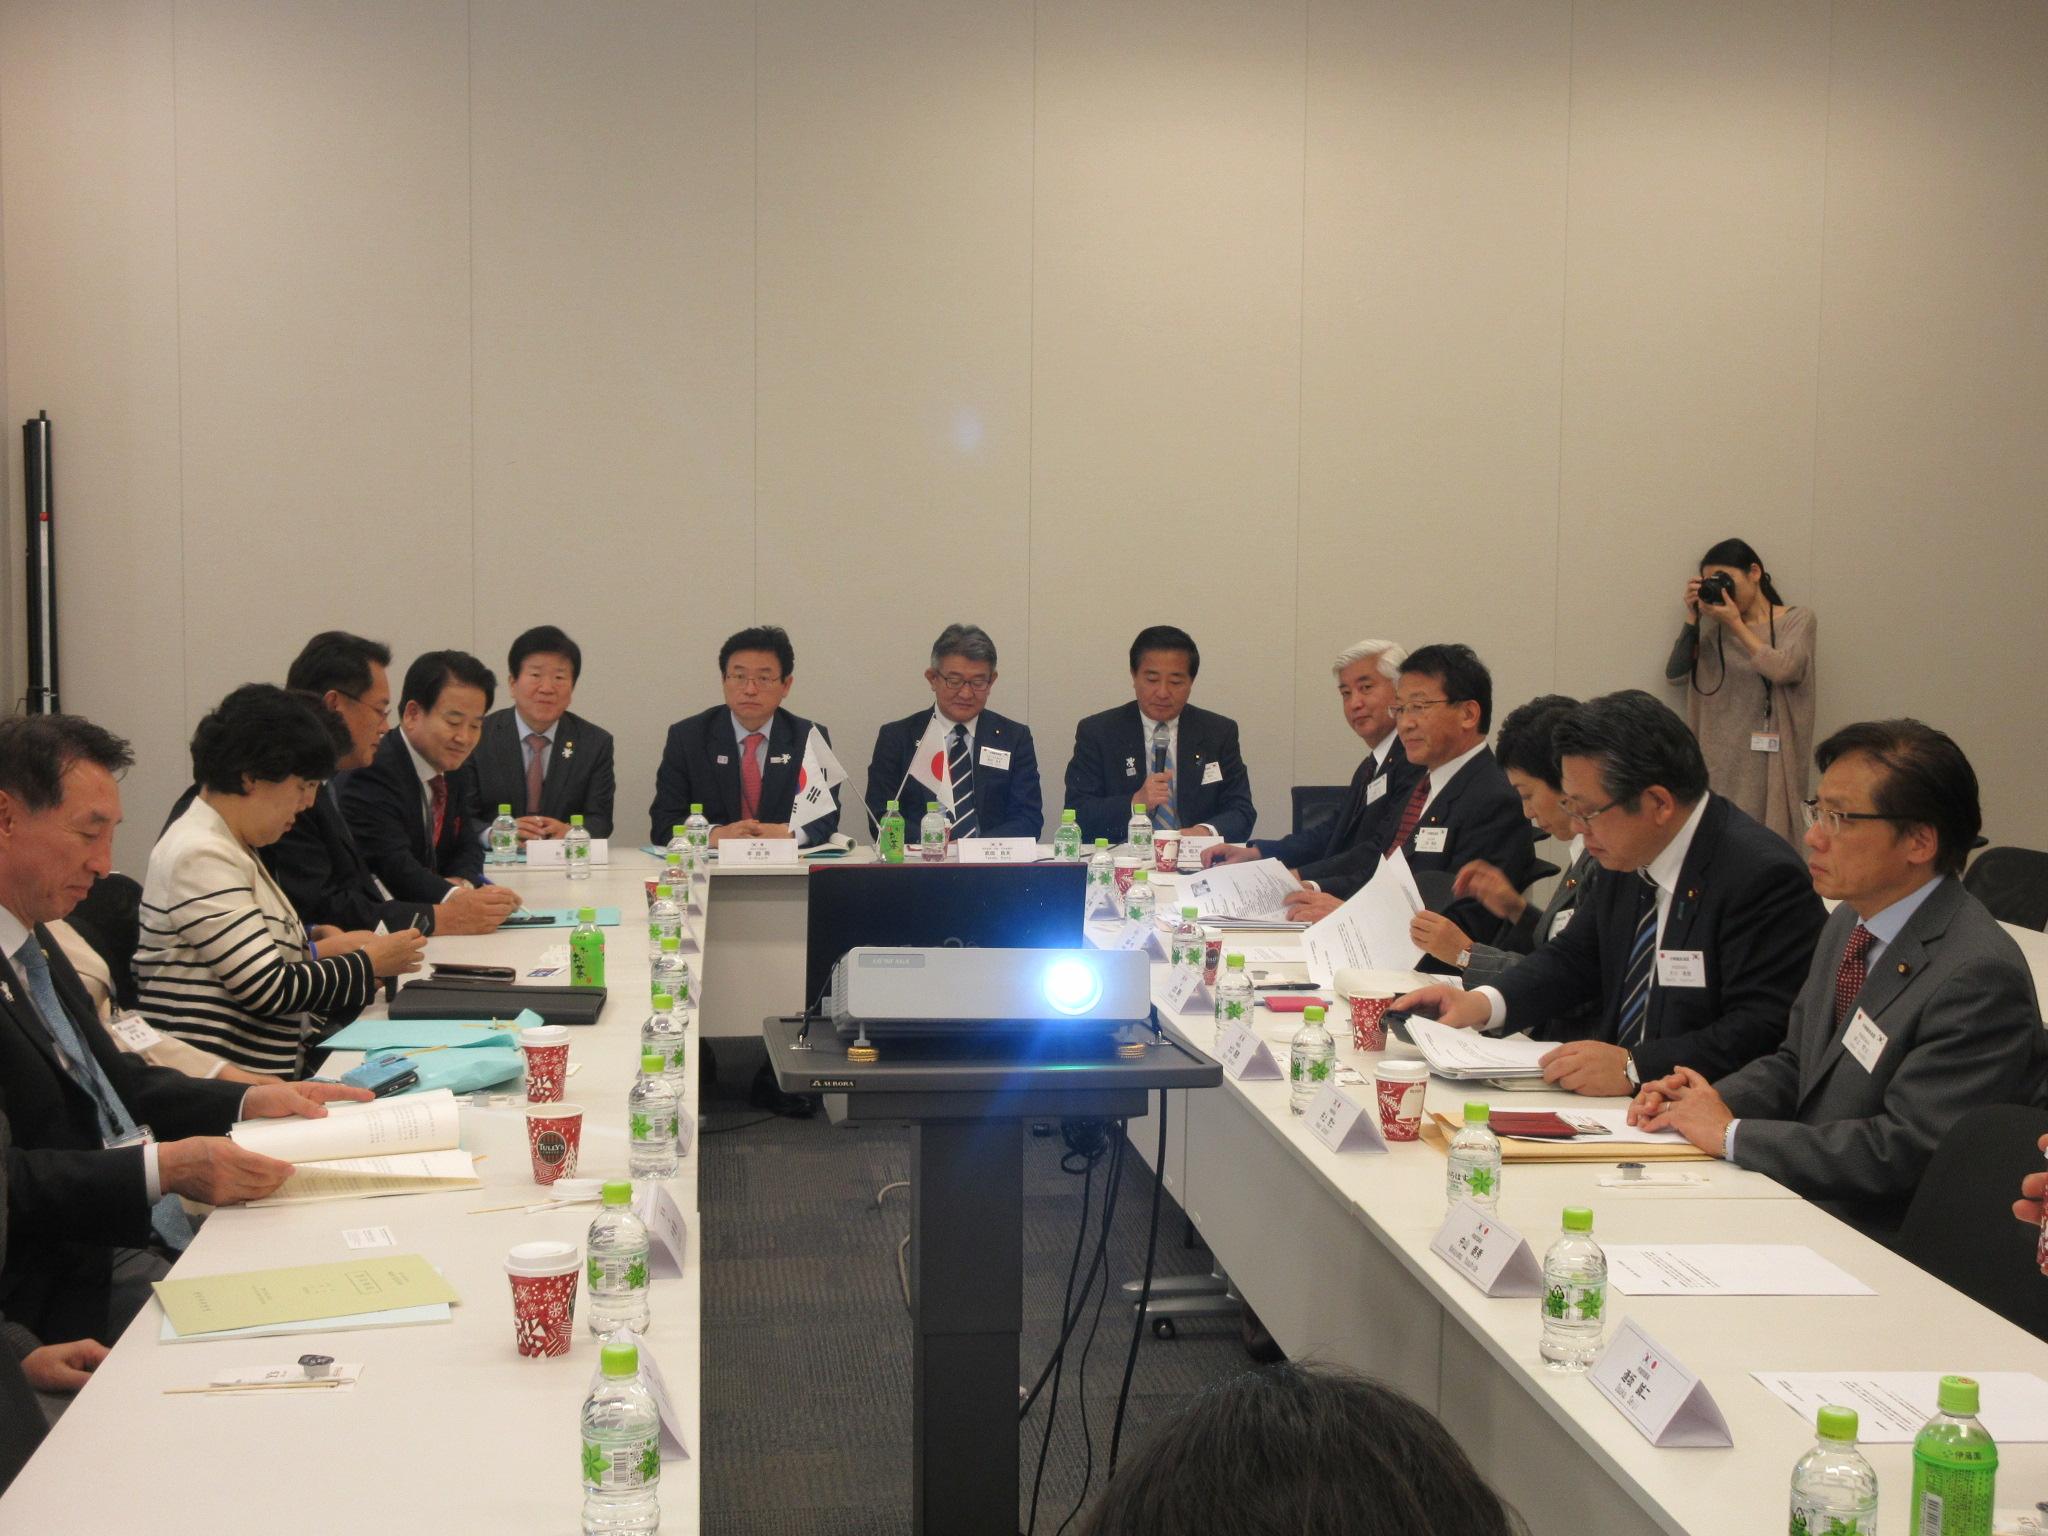 http://www.inoue-satoshi.com/diary/IMG_2801.JPG